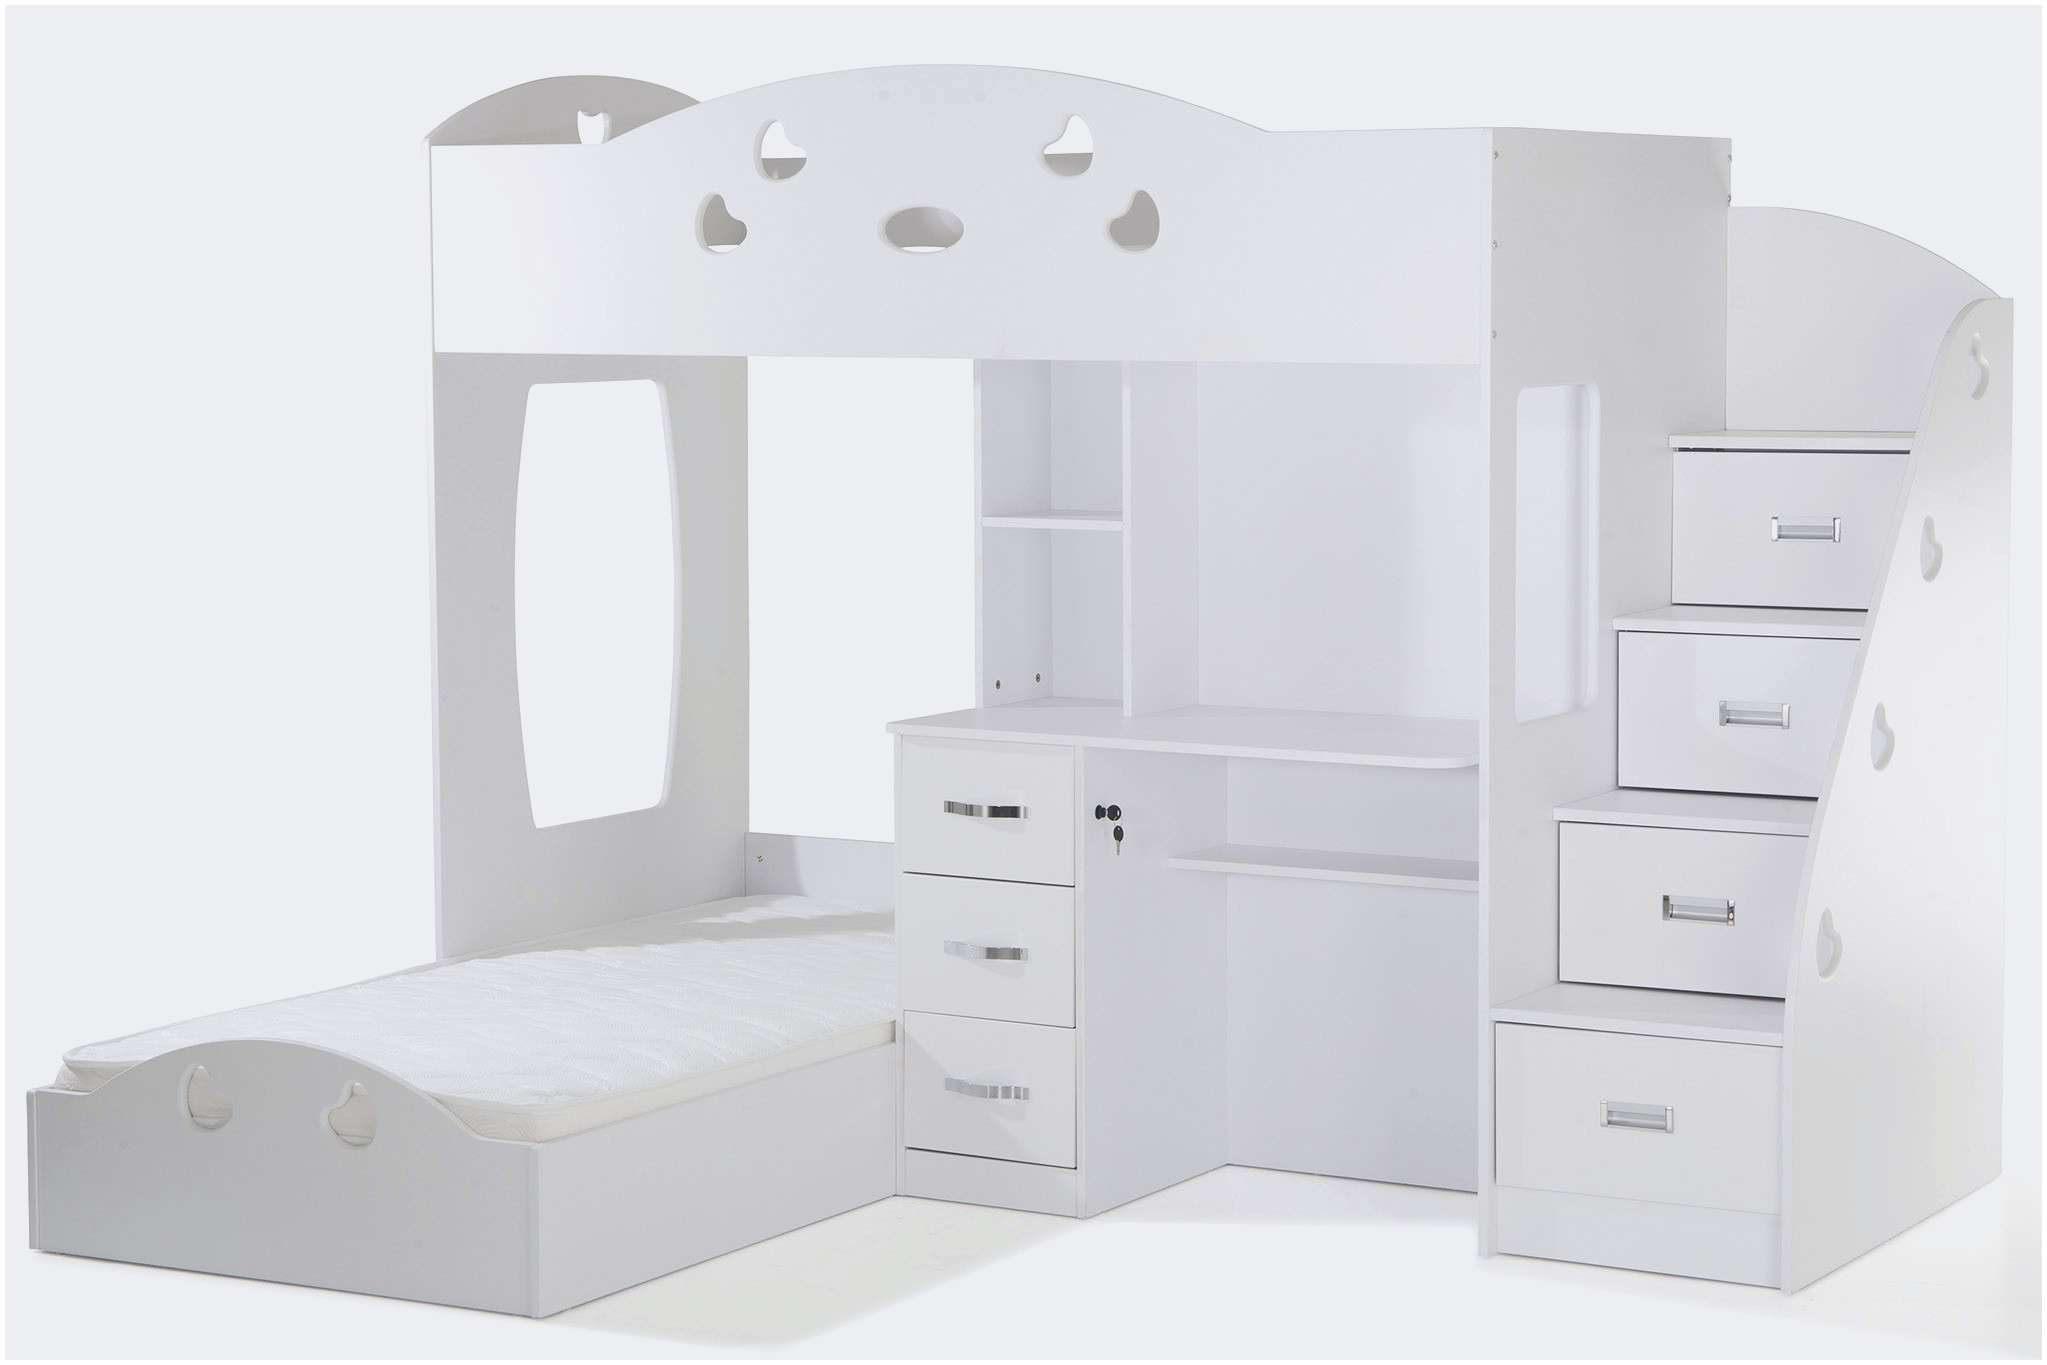 Lit Superposé Pour Bébé De Luxe Frais Lit Mezzanine Ikea 2 Places Pour Alternative Lit Superposé